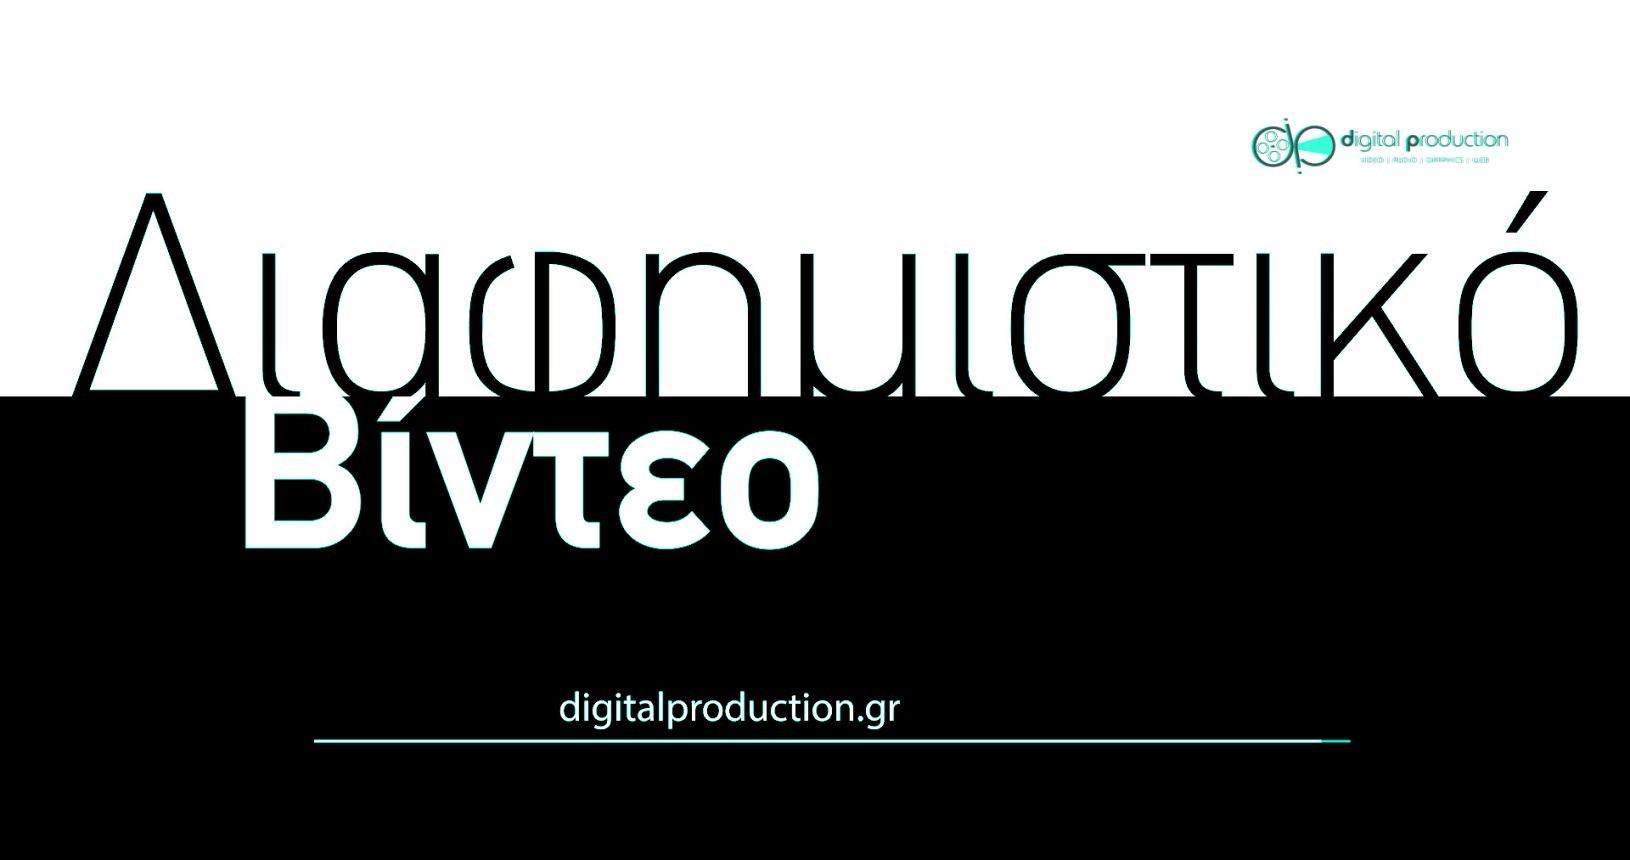 Δημιουργία διαφημιστικού σποτ, διαφήμιση με βίντεο | Digital Production